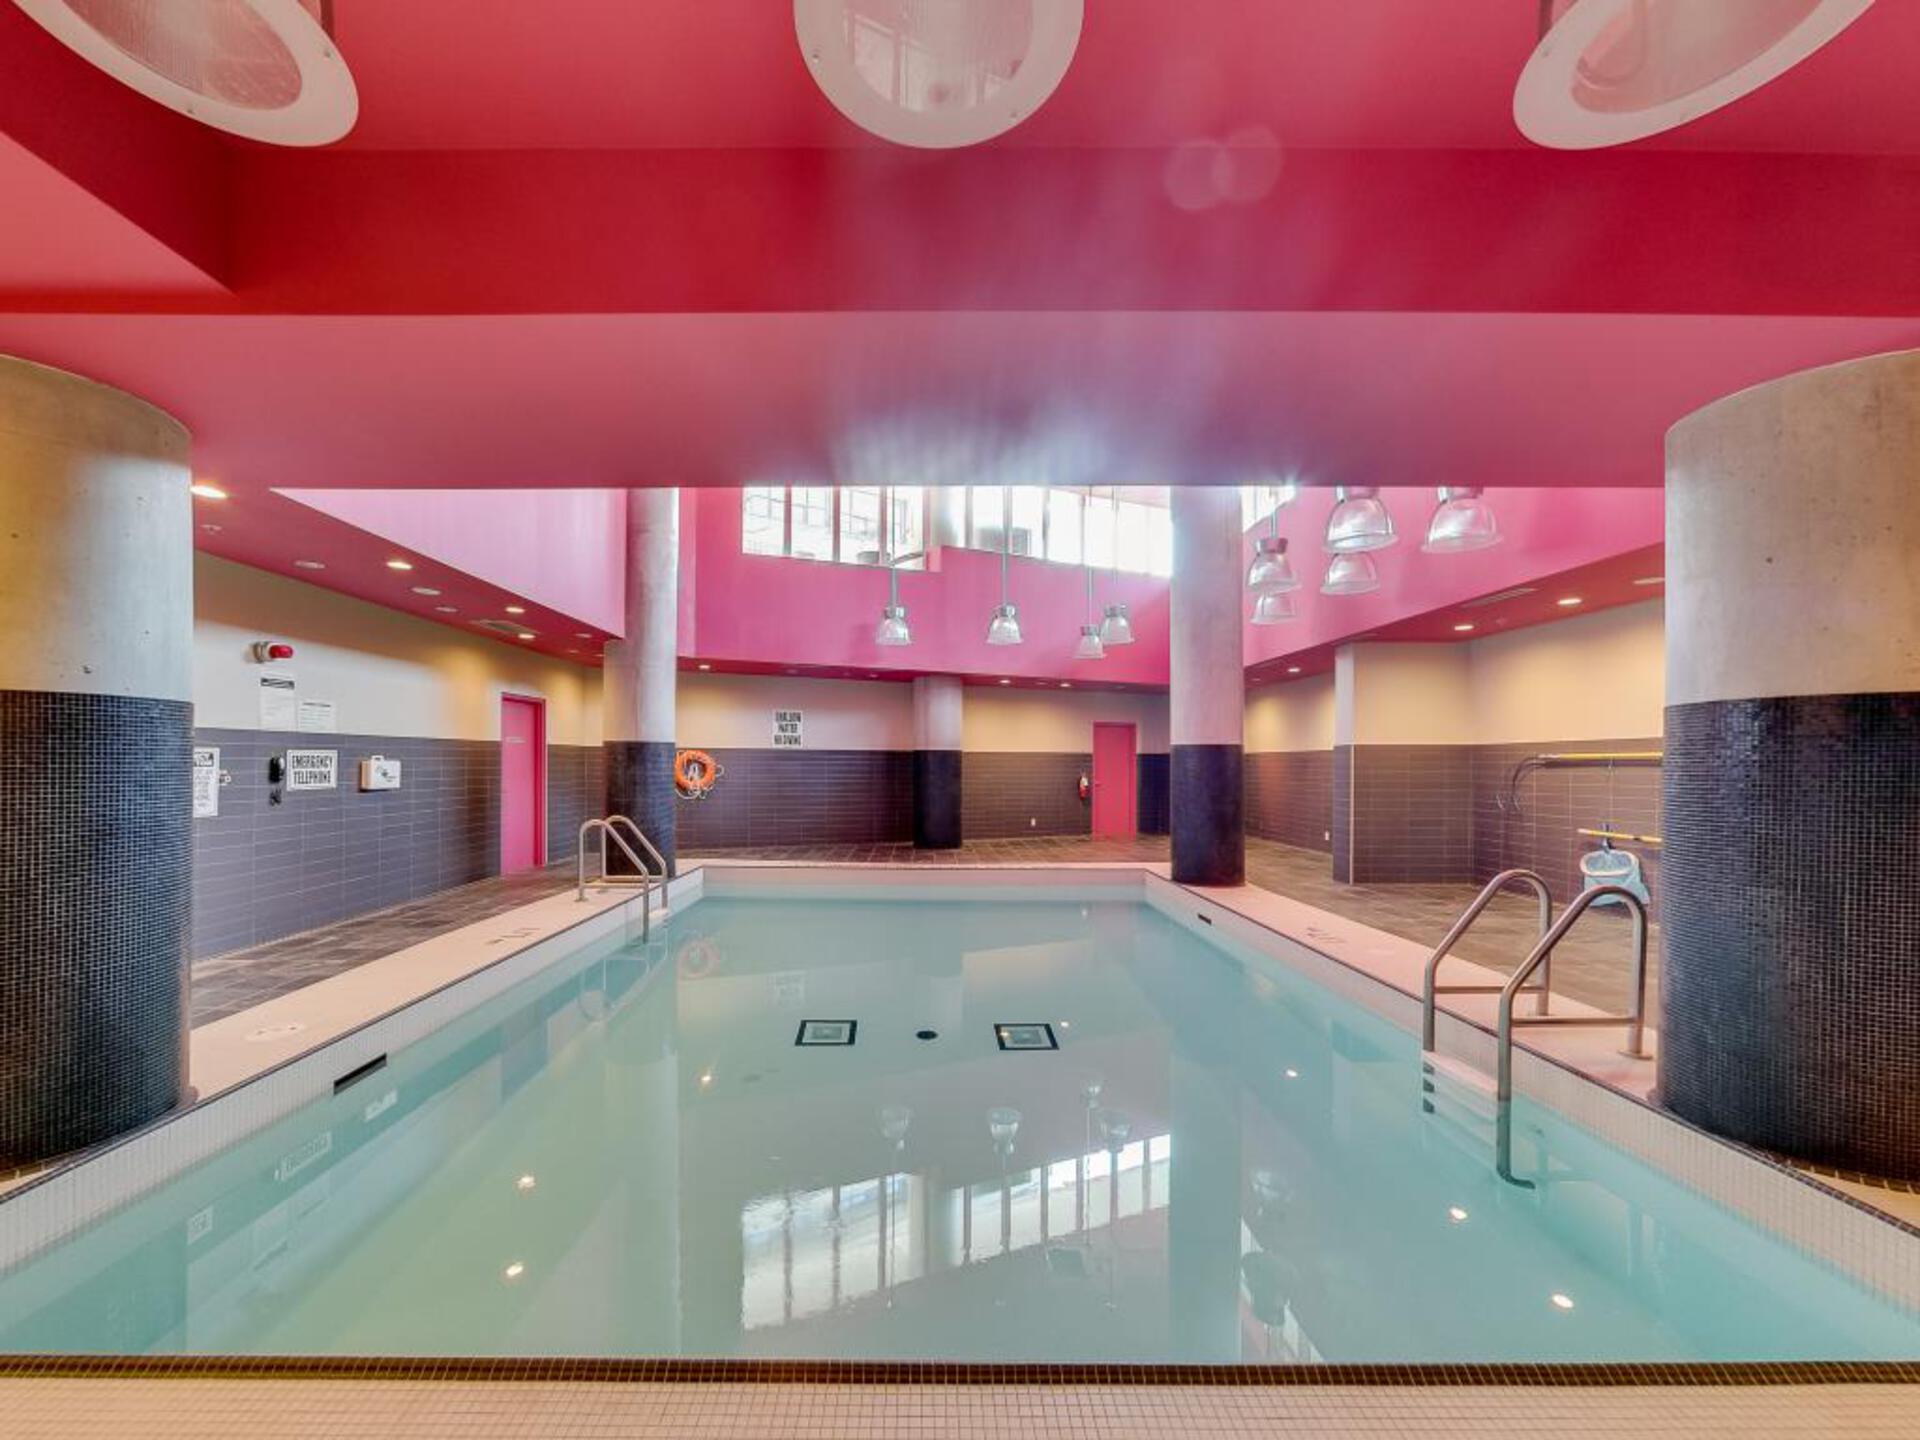 Pool - 1512-150 Sudbury St, Toronto - Elite3 & Team at 1512 - 150 Sudbury Street, Little Portugal, Toronto